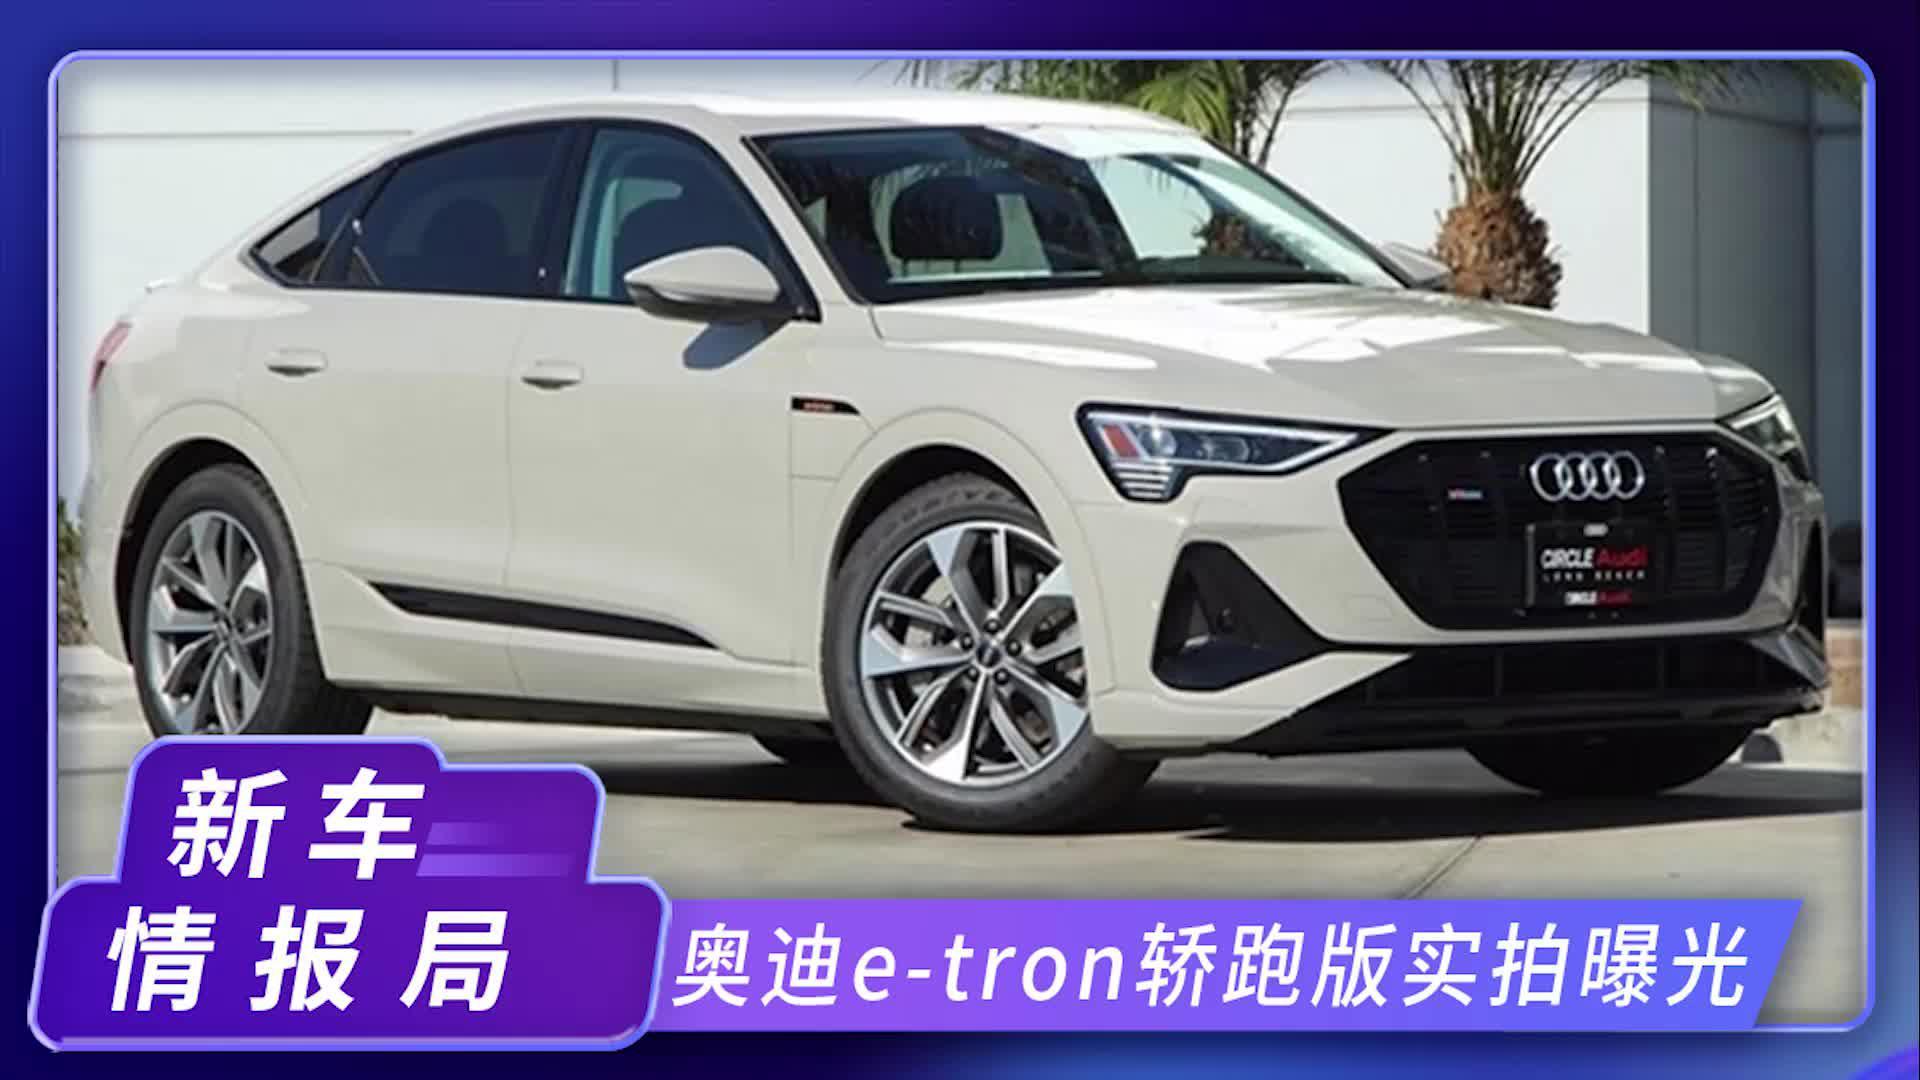 奥迪e-tron轿跑版实拍!配A8同款方向盘,S-line外观套件更运动